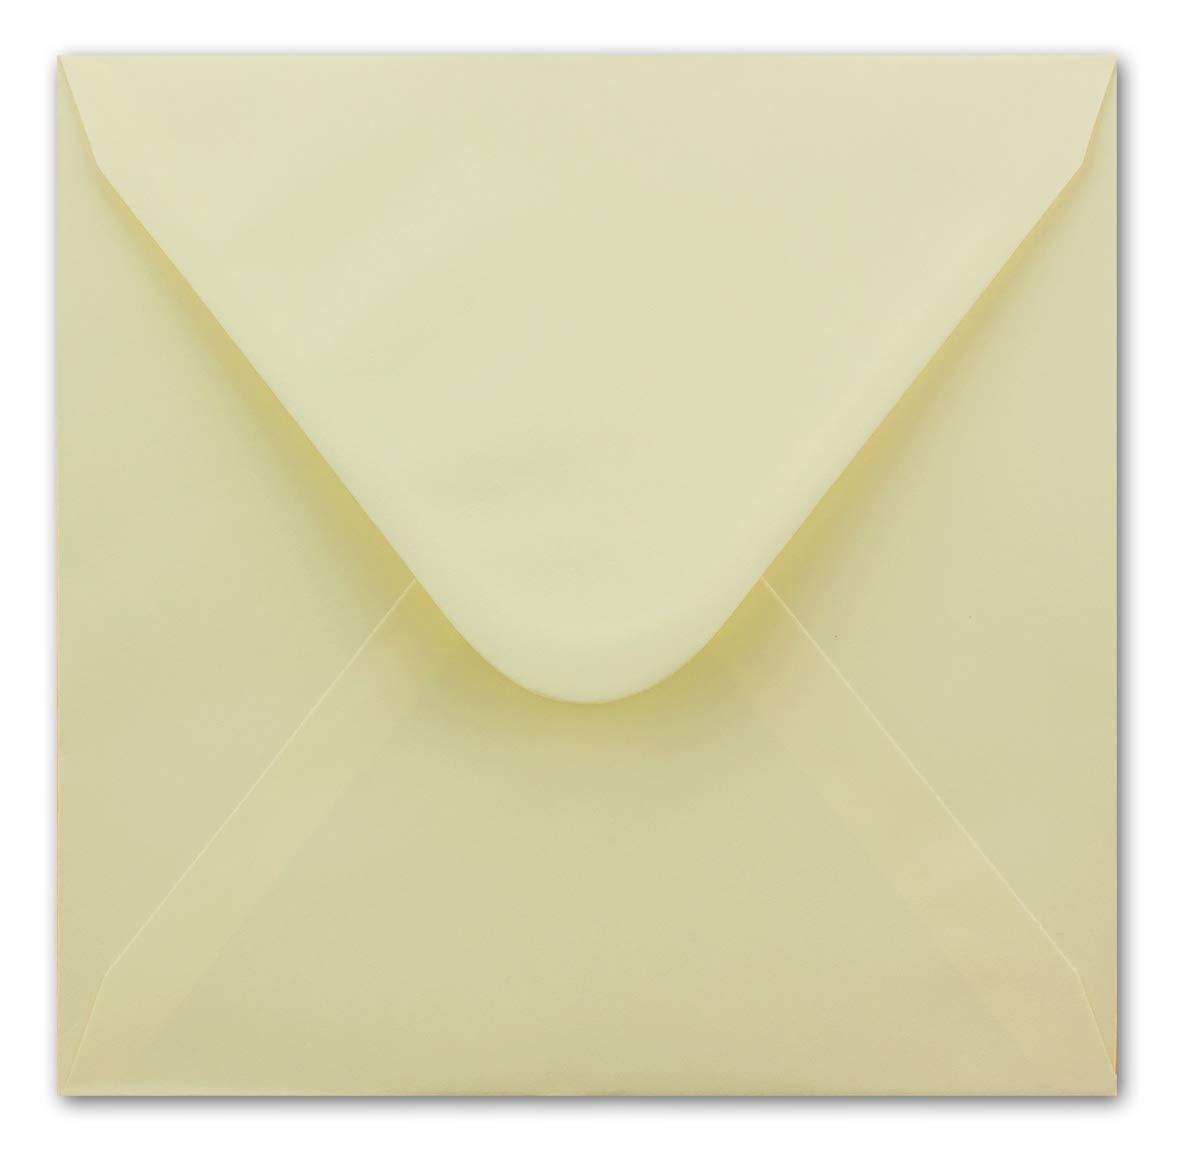 500x XXL XXL XXL Brief-Umschläge Quadratisch 20,5 x 20,5 cm - Weiß - EXTRA QUALITÄT - 100 g m² - 205 x 205 mm - Nassklebung - Marke  Gustav NEUSER® B07KC77BVM | Modern Und Elegant  ed342c